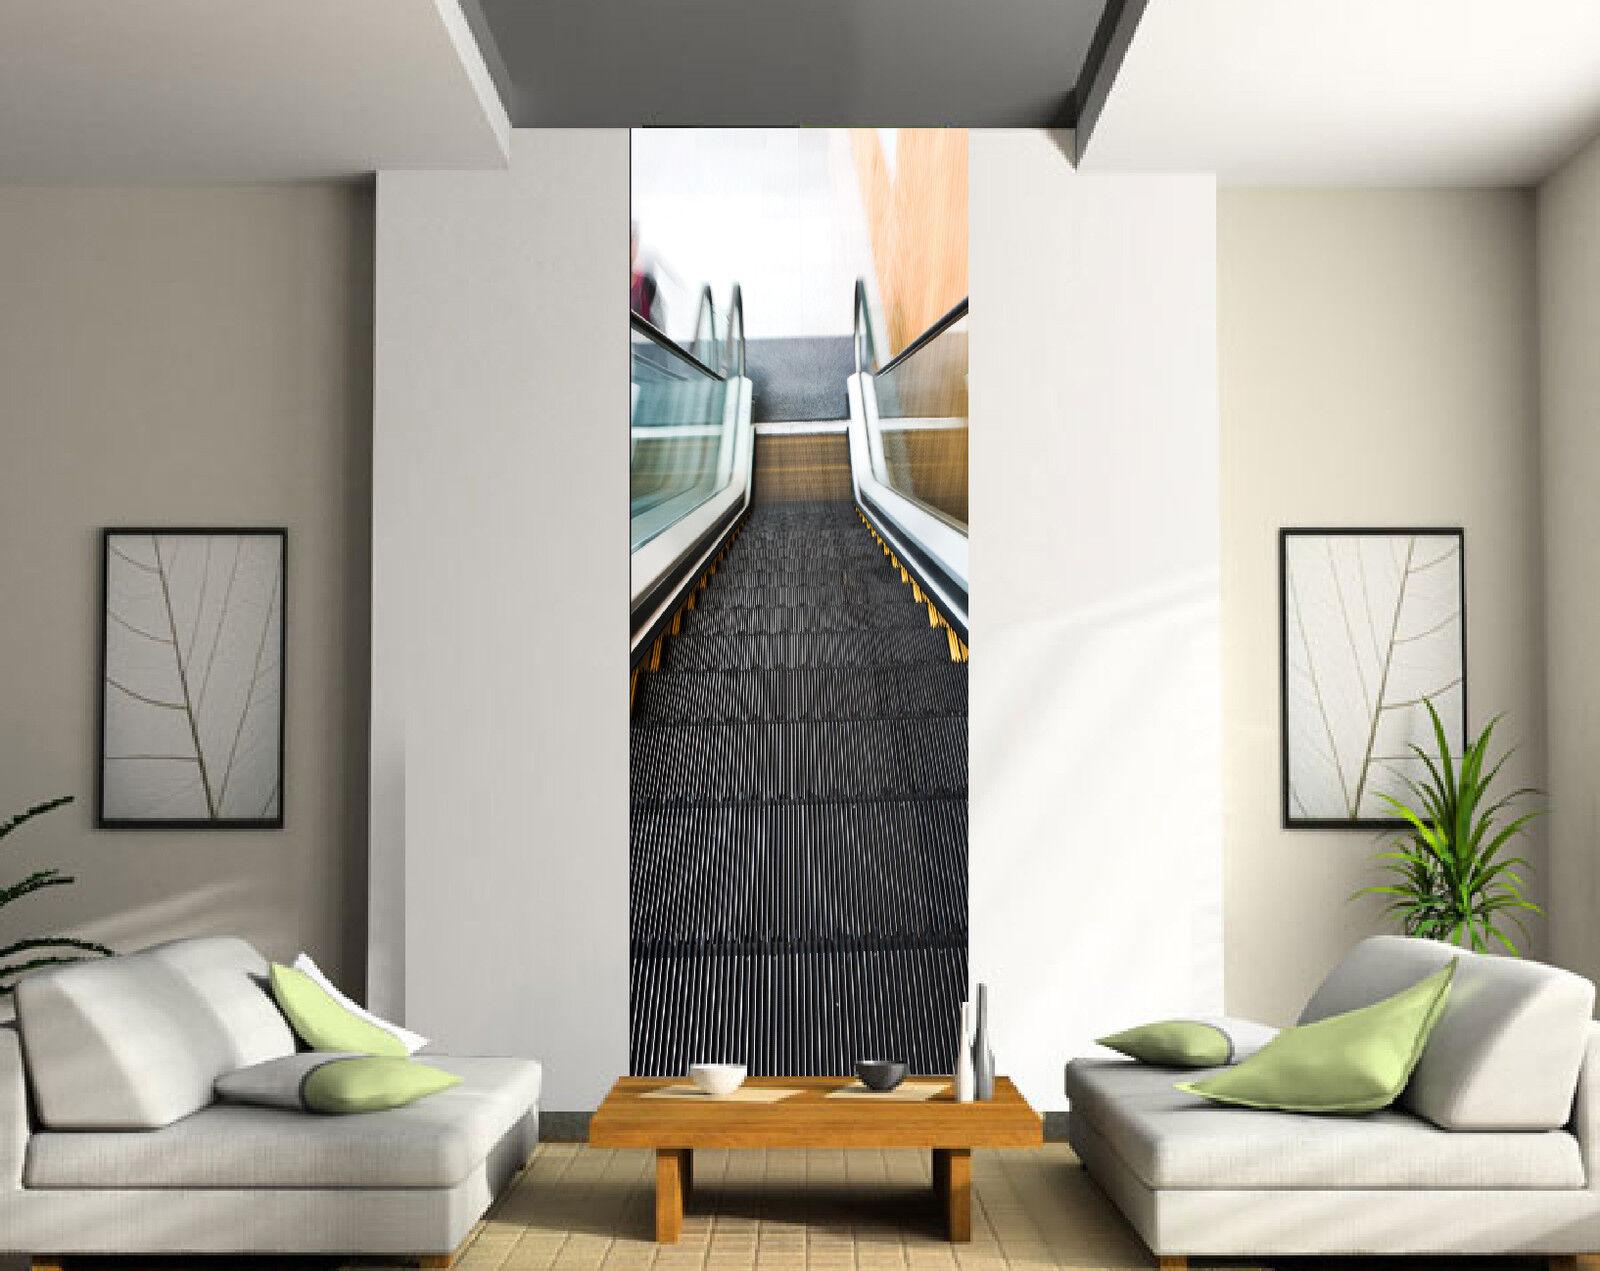 Papel pintado decoración engaña ojo ref Único Escalera mecánica ref ojo 2077 3 1f4634